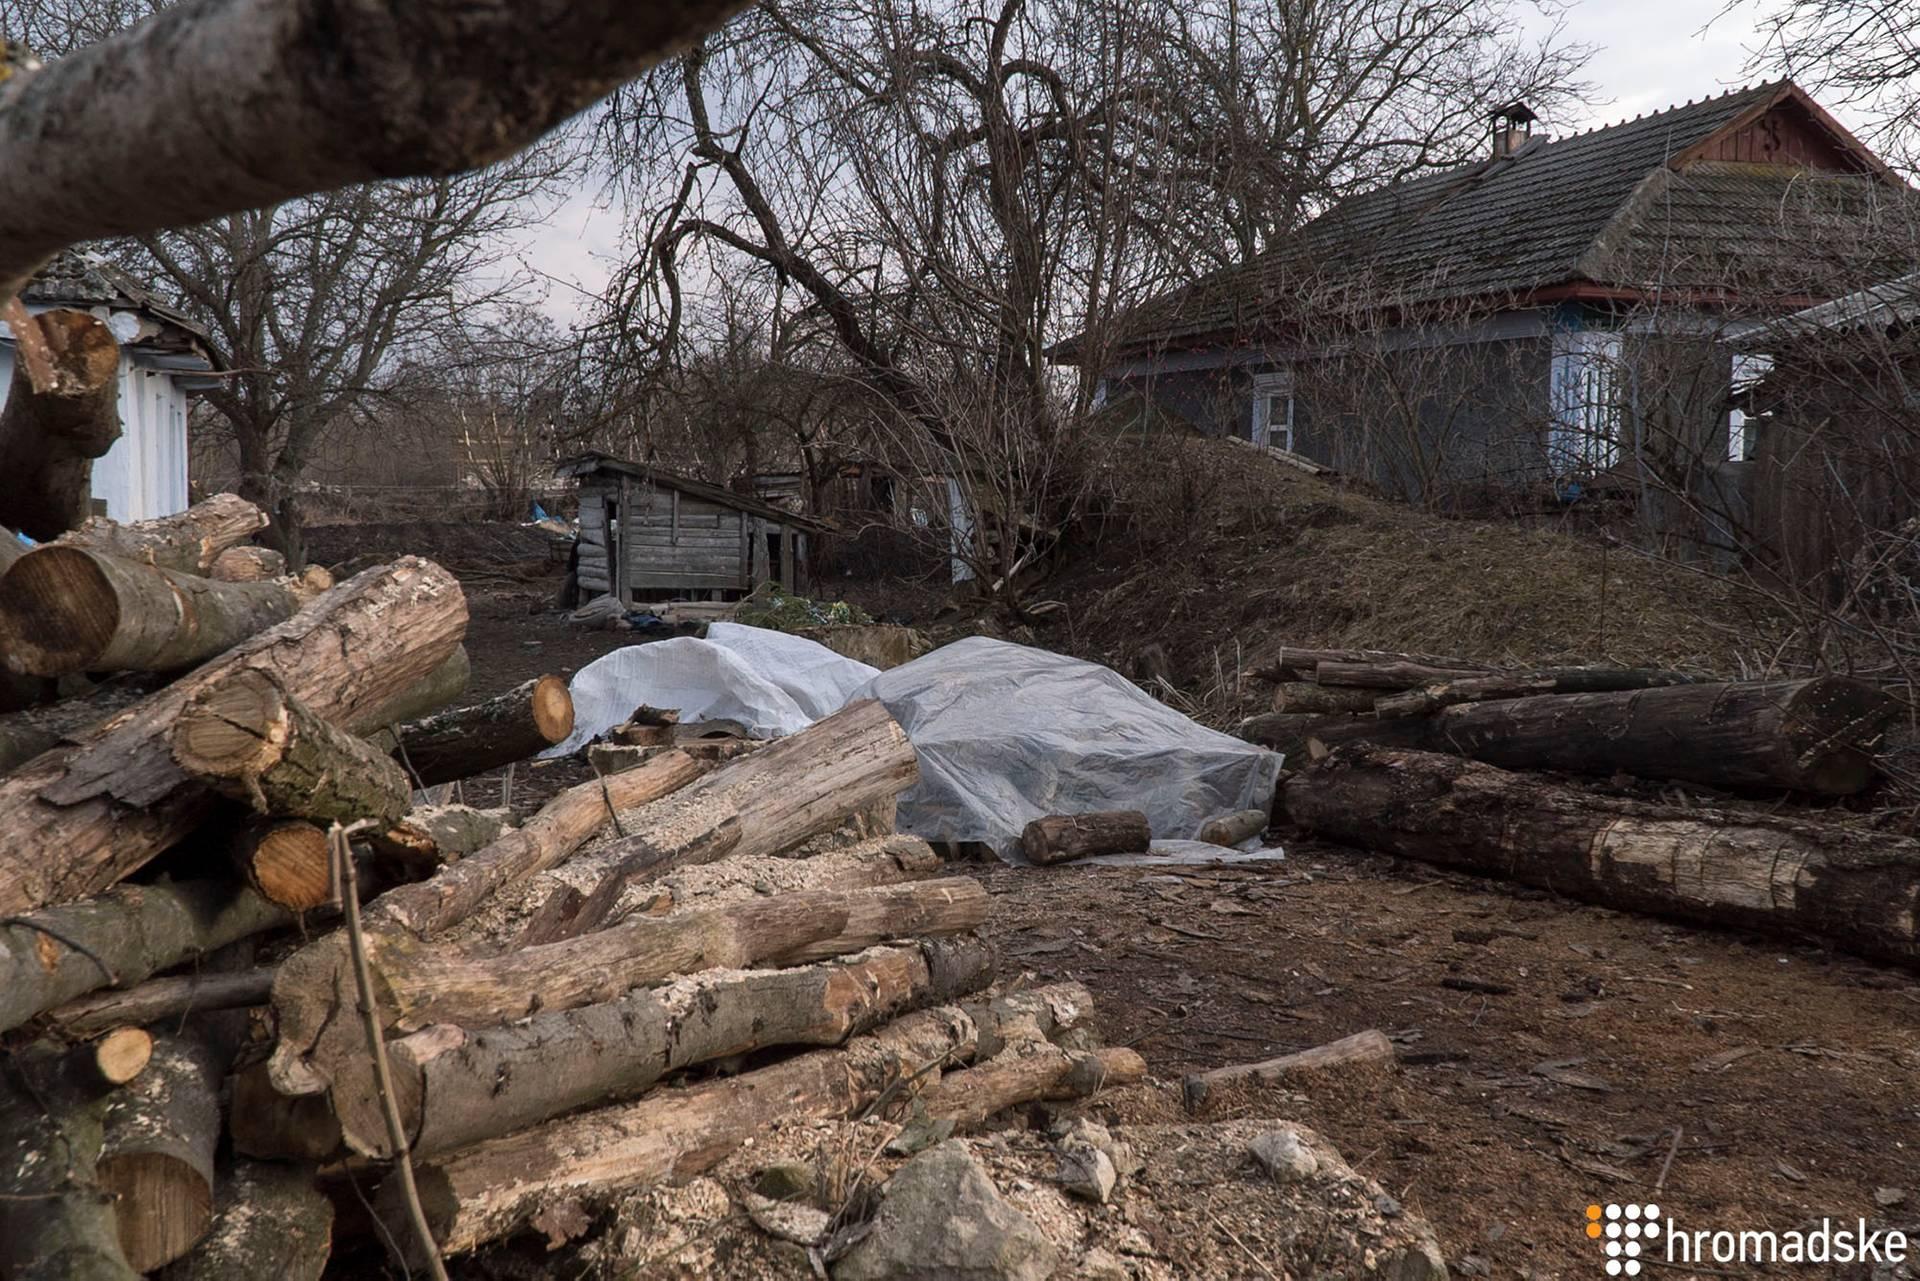 Місцеві жителі опалюють свої будинки переважно дровами, Котюжани, Вінницька область, 21 лютого 2019 року